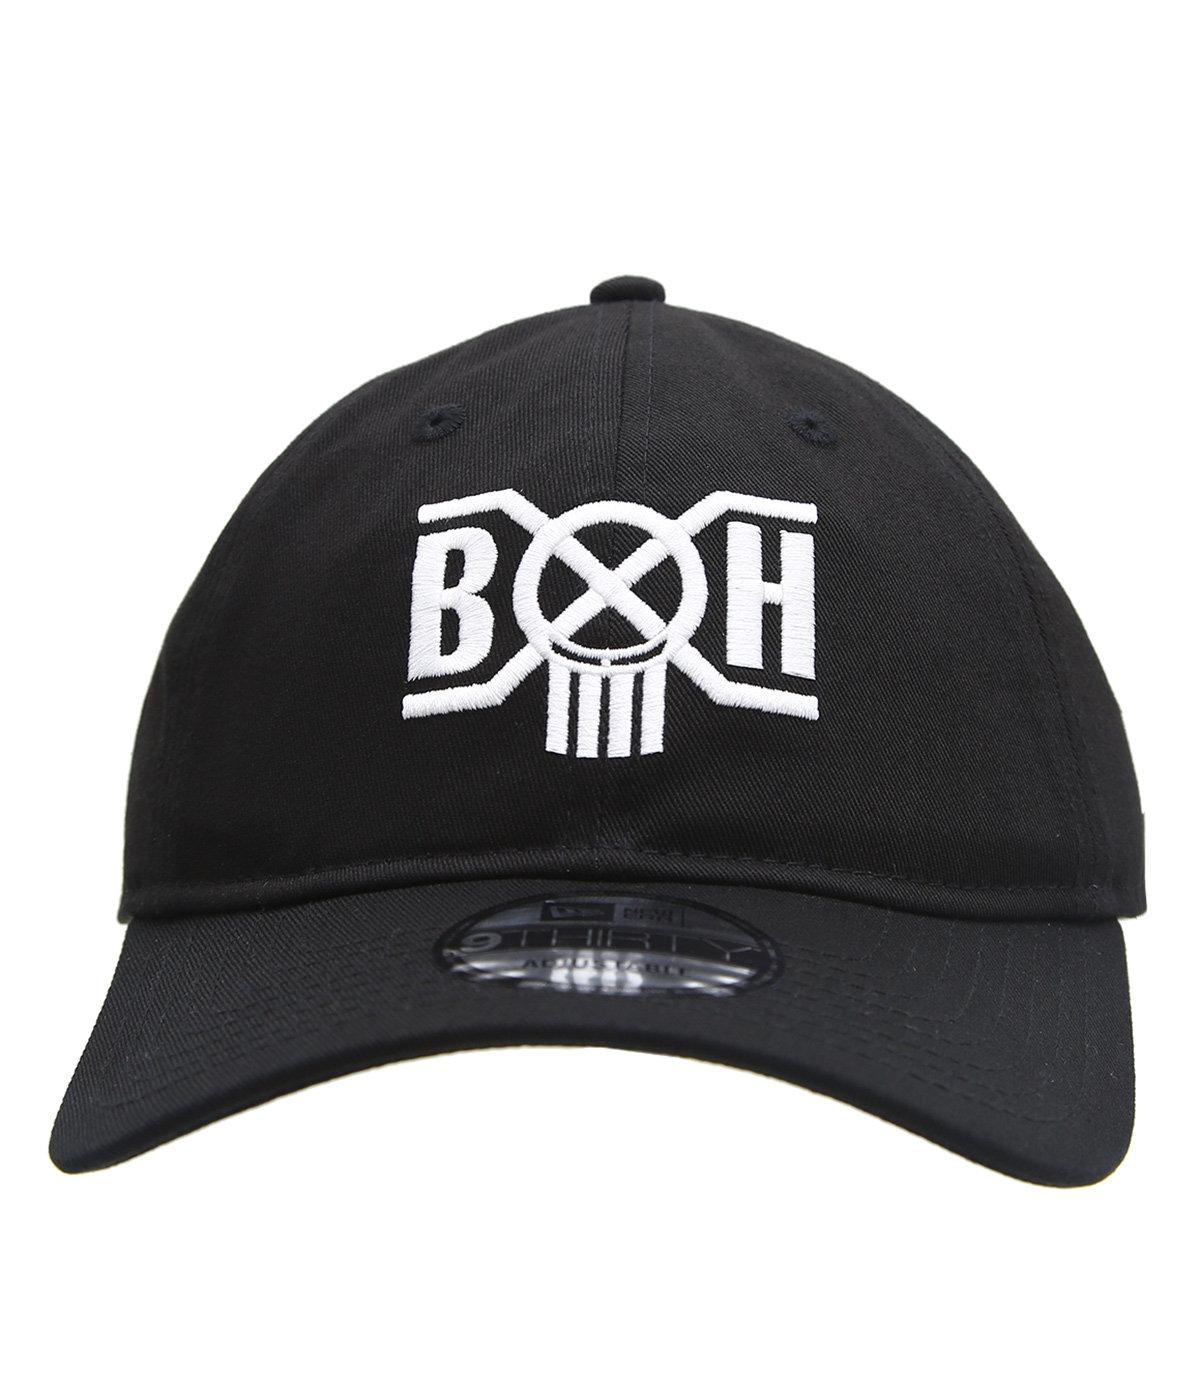 BxH / NEWERA 9THIRTY